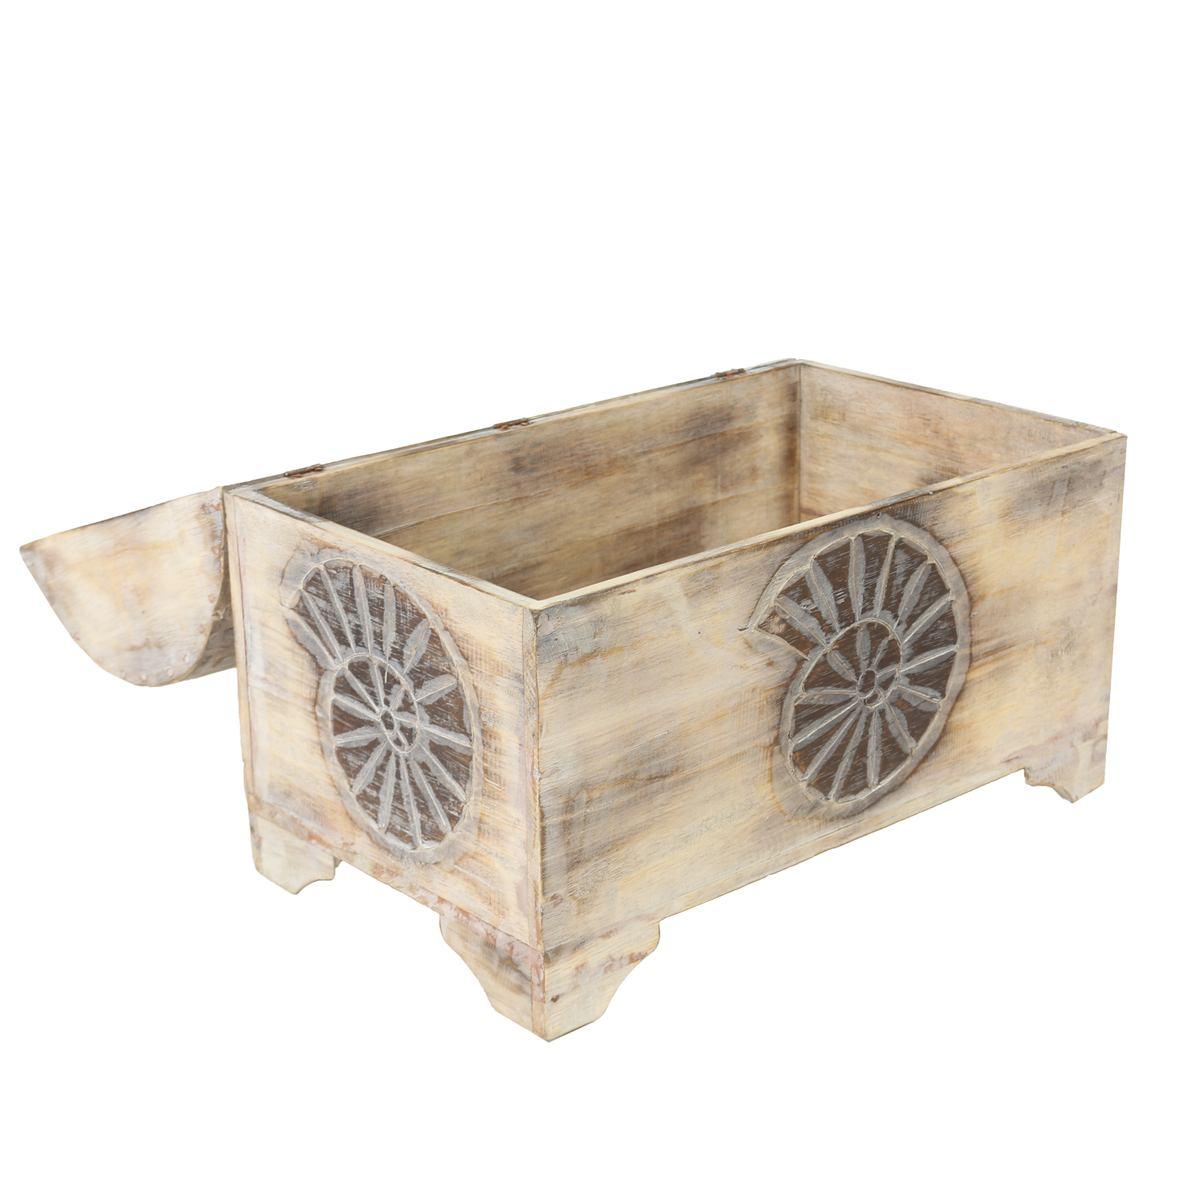 truhe schatztruhe dekotruhe dekokiste box muschel kiste wei shabby chic landhausstil 50cm. Black Bedroom Furniture Sets. Home Design Ideas